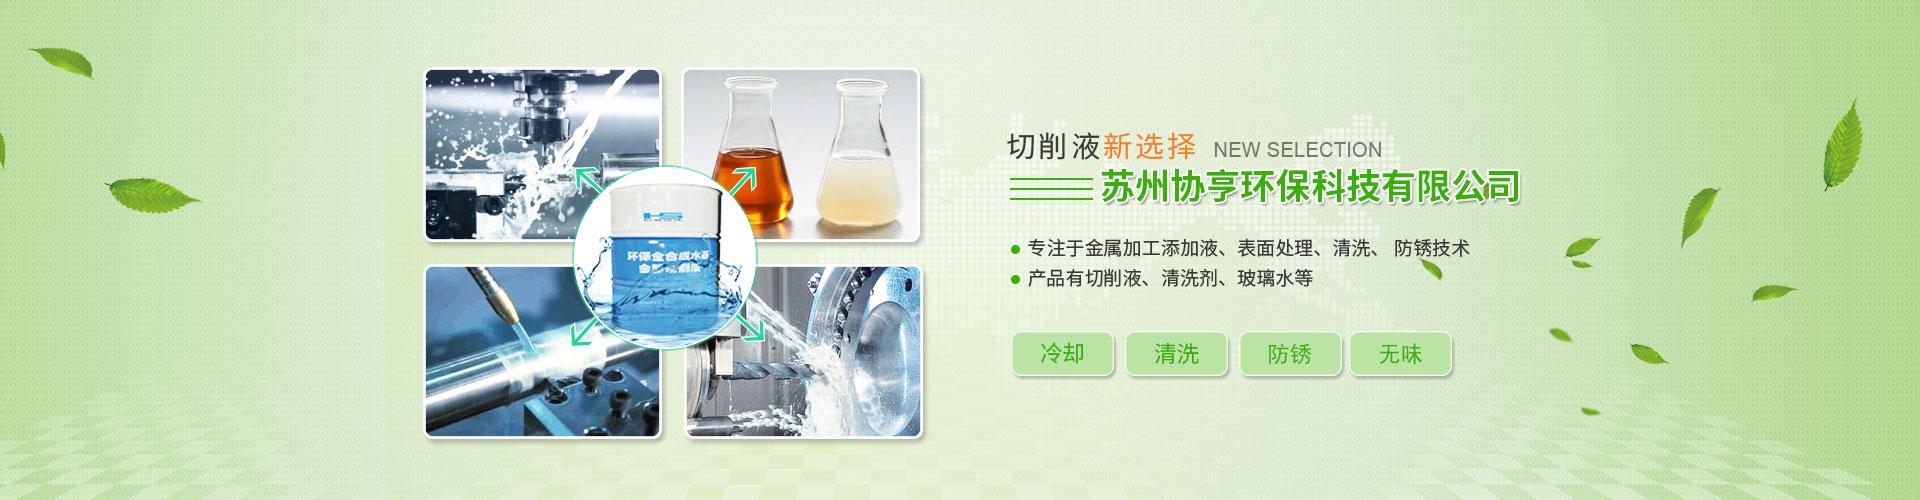 苏州协亨环保科技有限公司